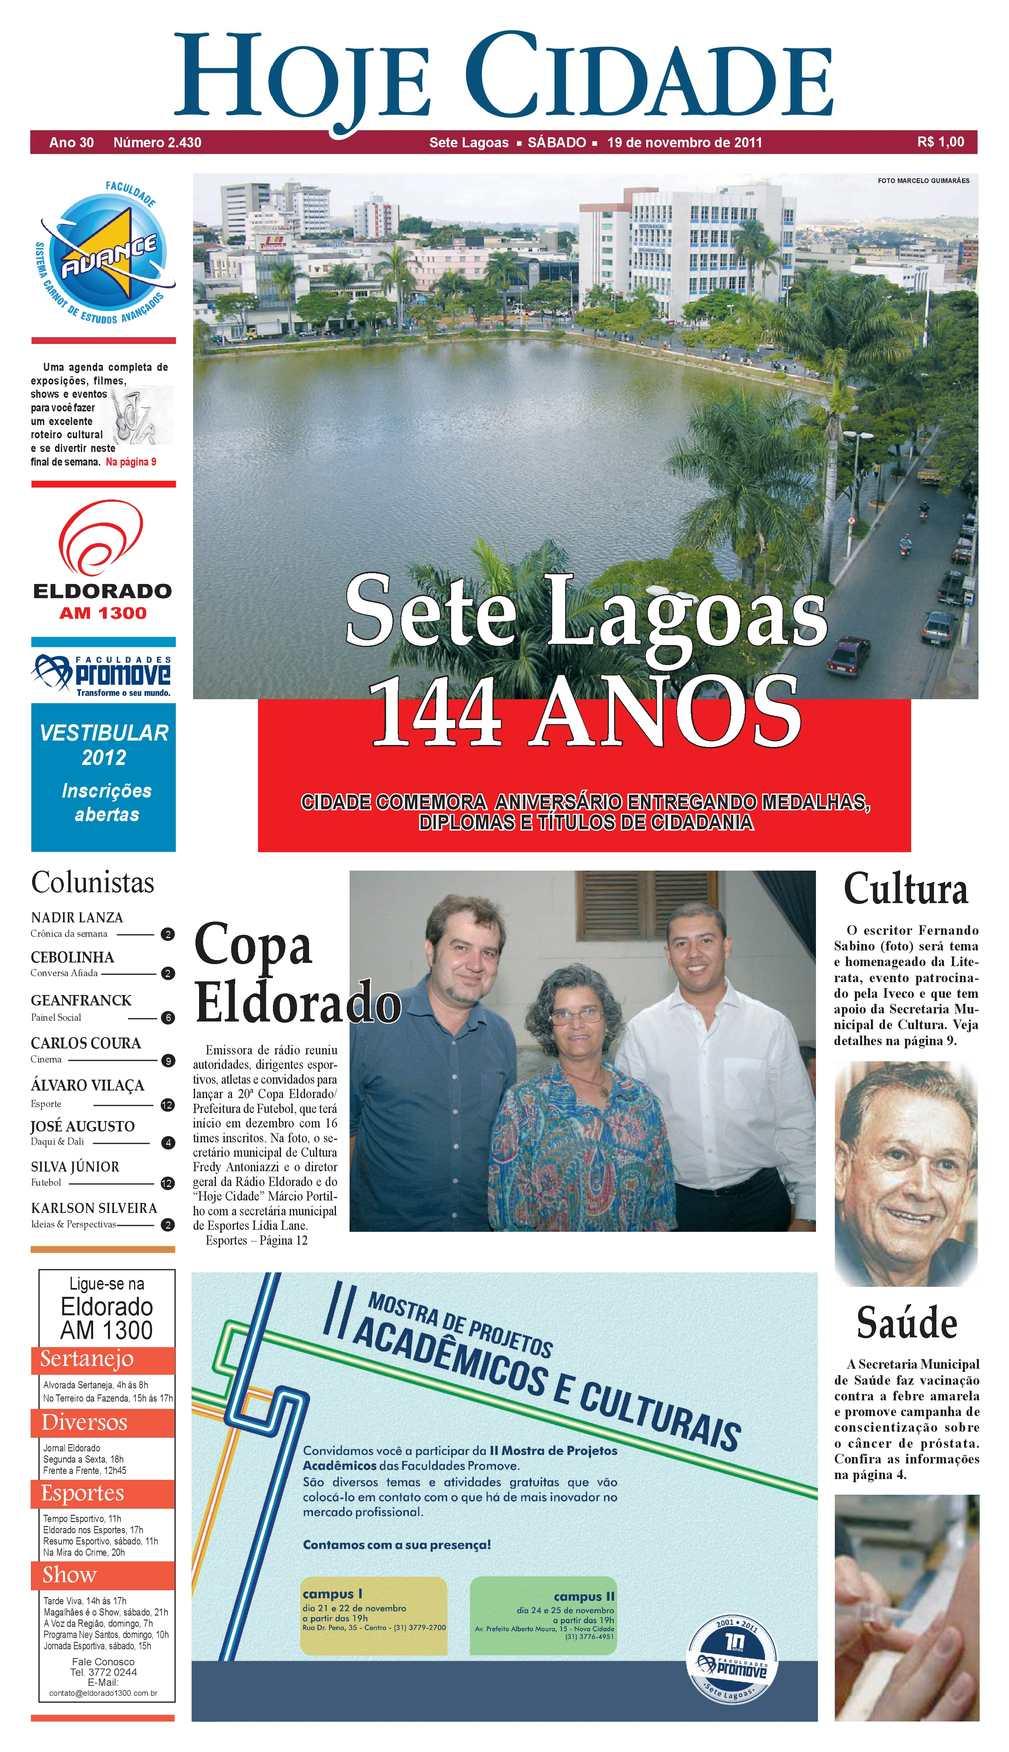 15440e91c9 Calaméo - Jornal Hoje Cidade 19-11-11